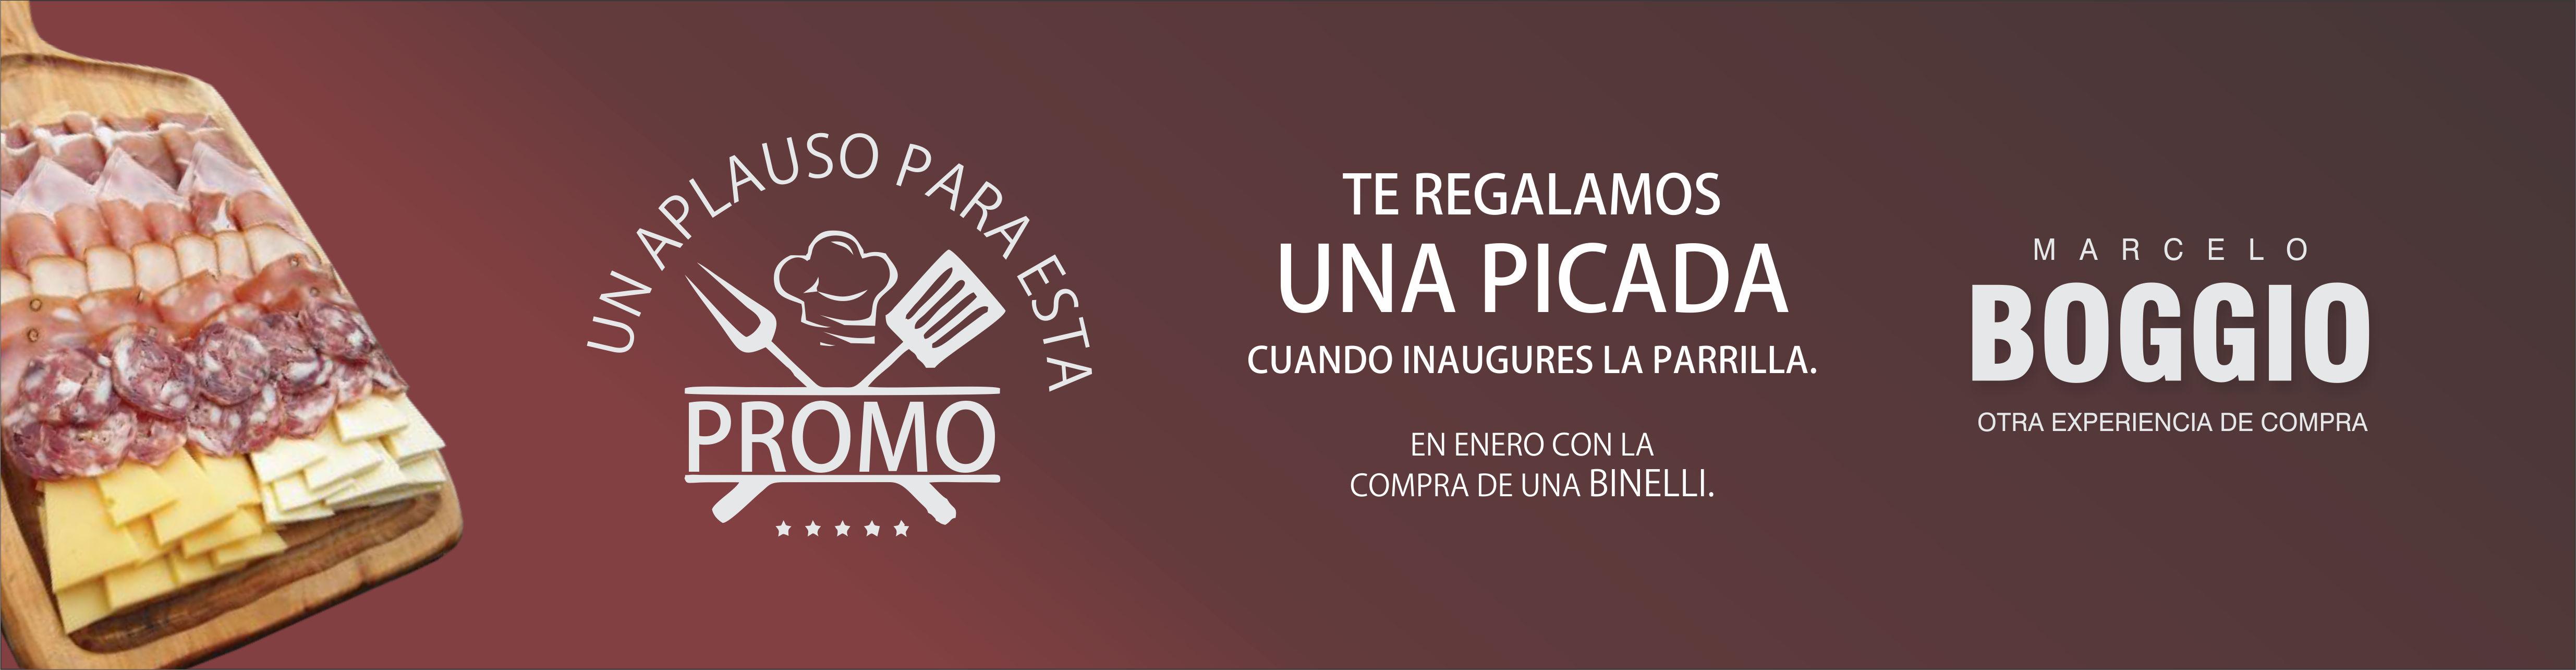 Marcelo Boggio - Parrilla +picada